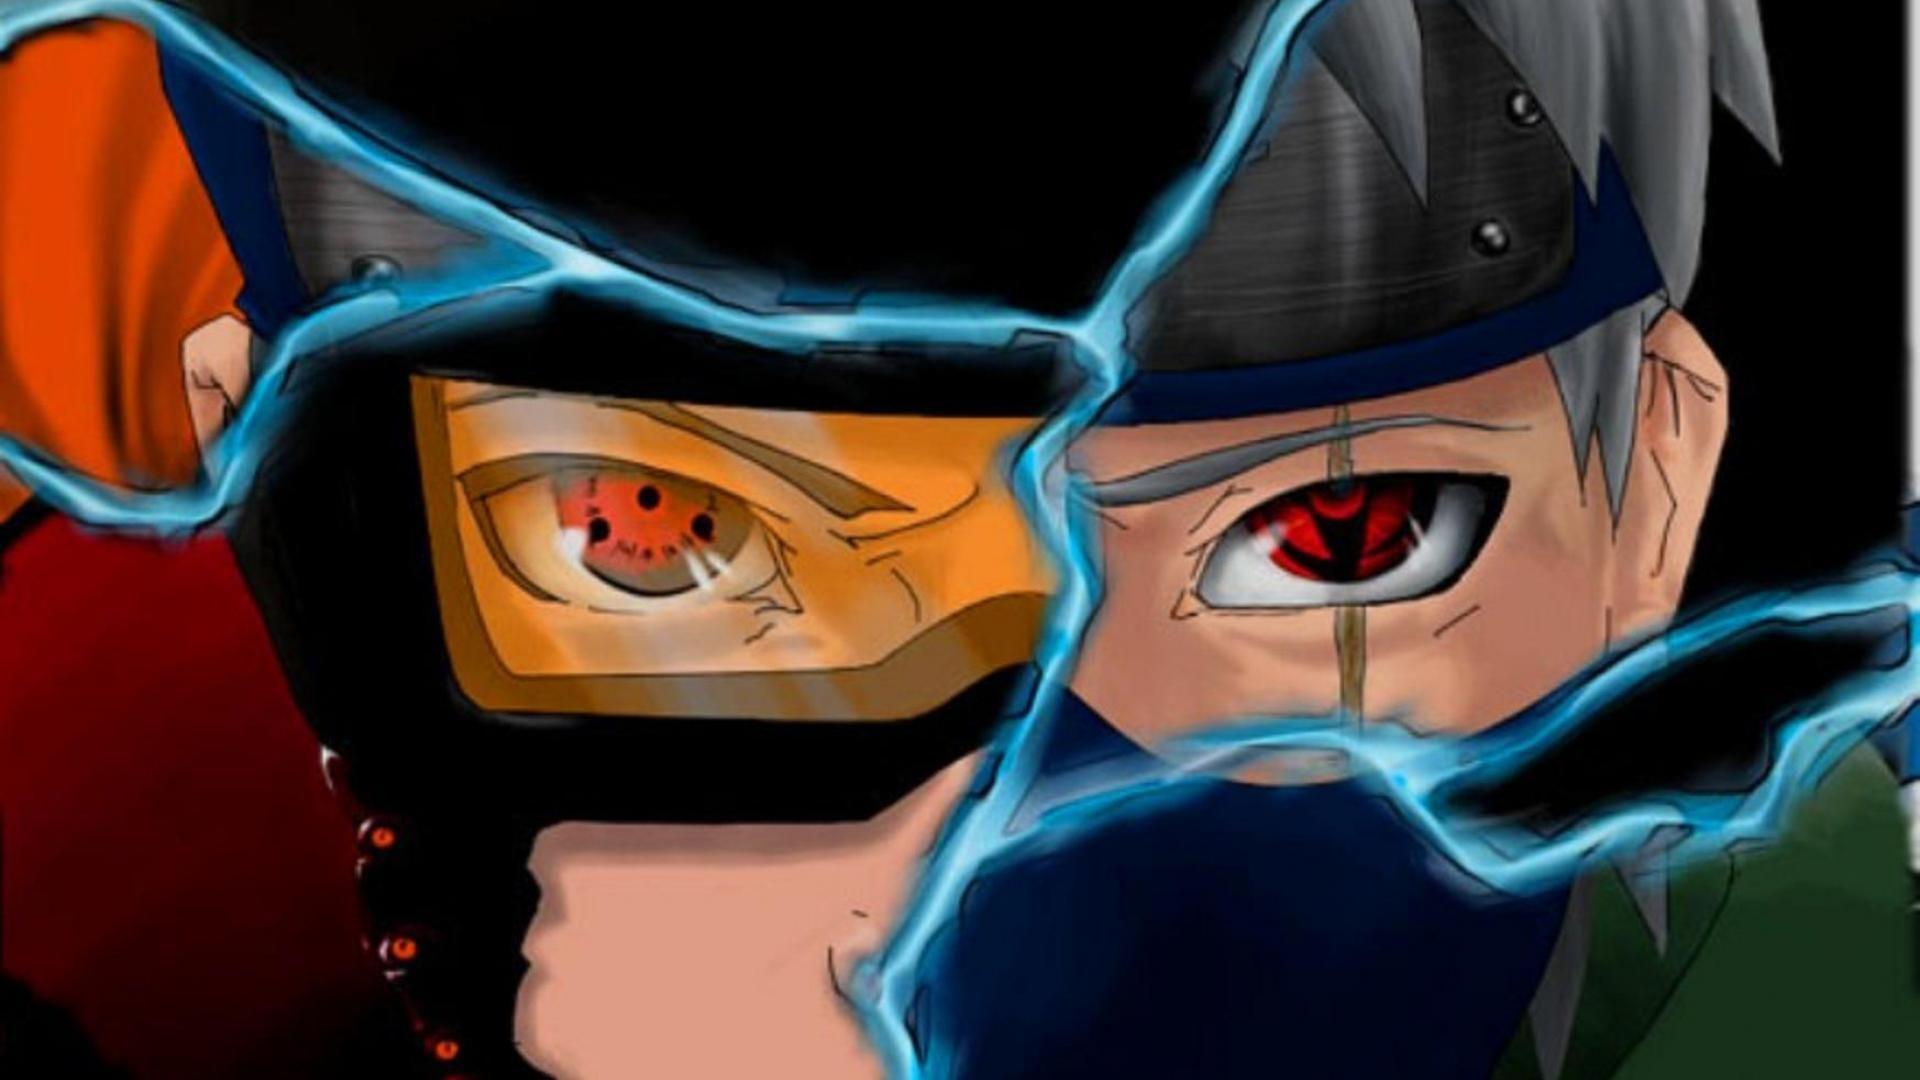 Kakashi Photo Free Download Vintage Retro Naruto Fond Ecran Naruto